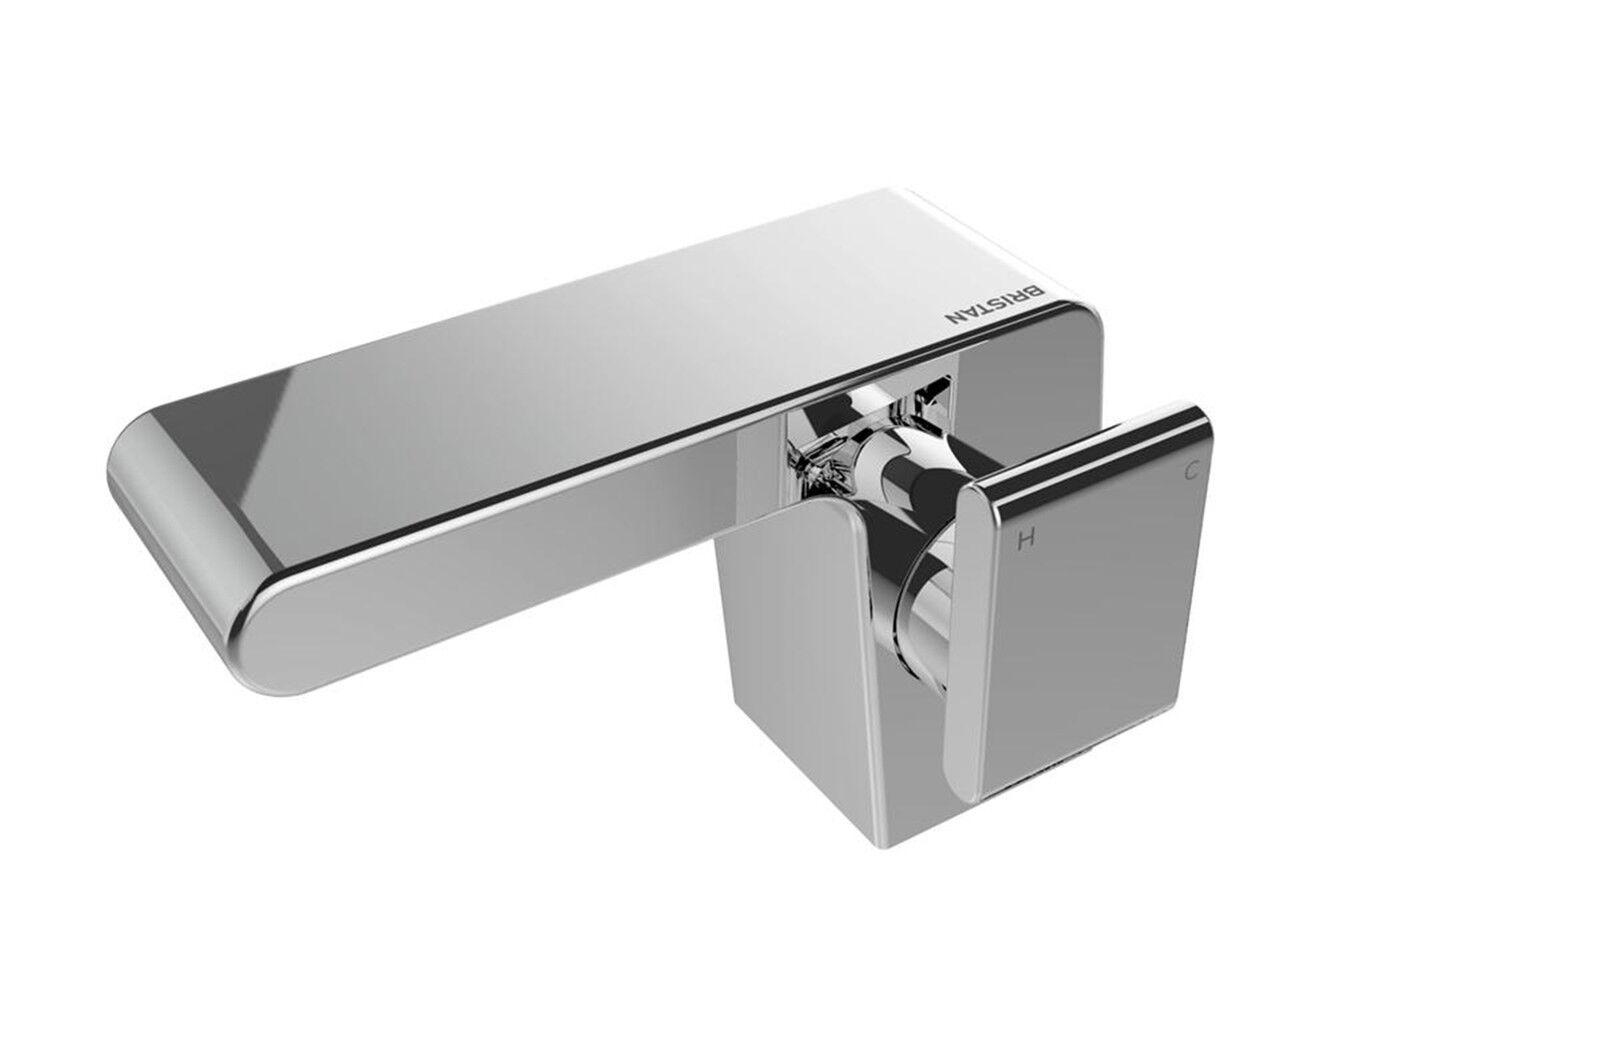 Bristan pivote grifos de Lavabo Conjunto Baño Ducha Nuevo Conjunto Lavabo de Baño Mono Cromo De Relleno 71cee8